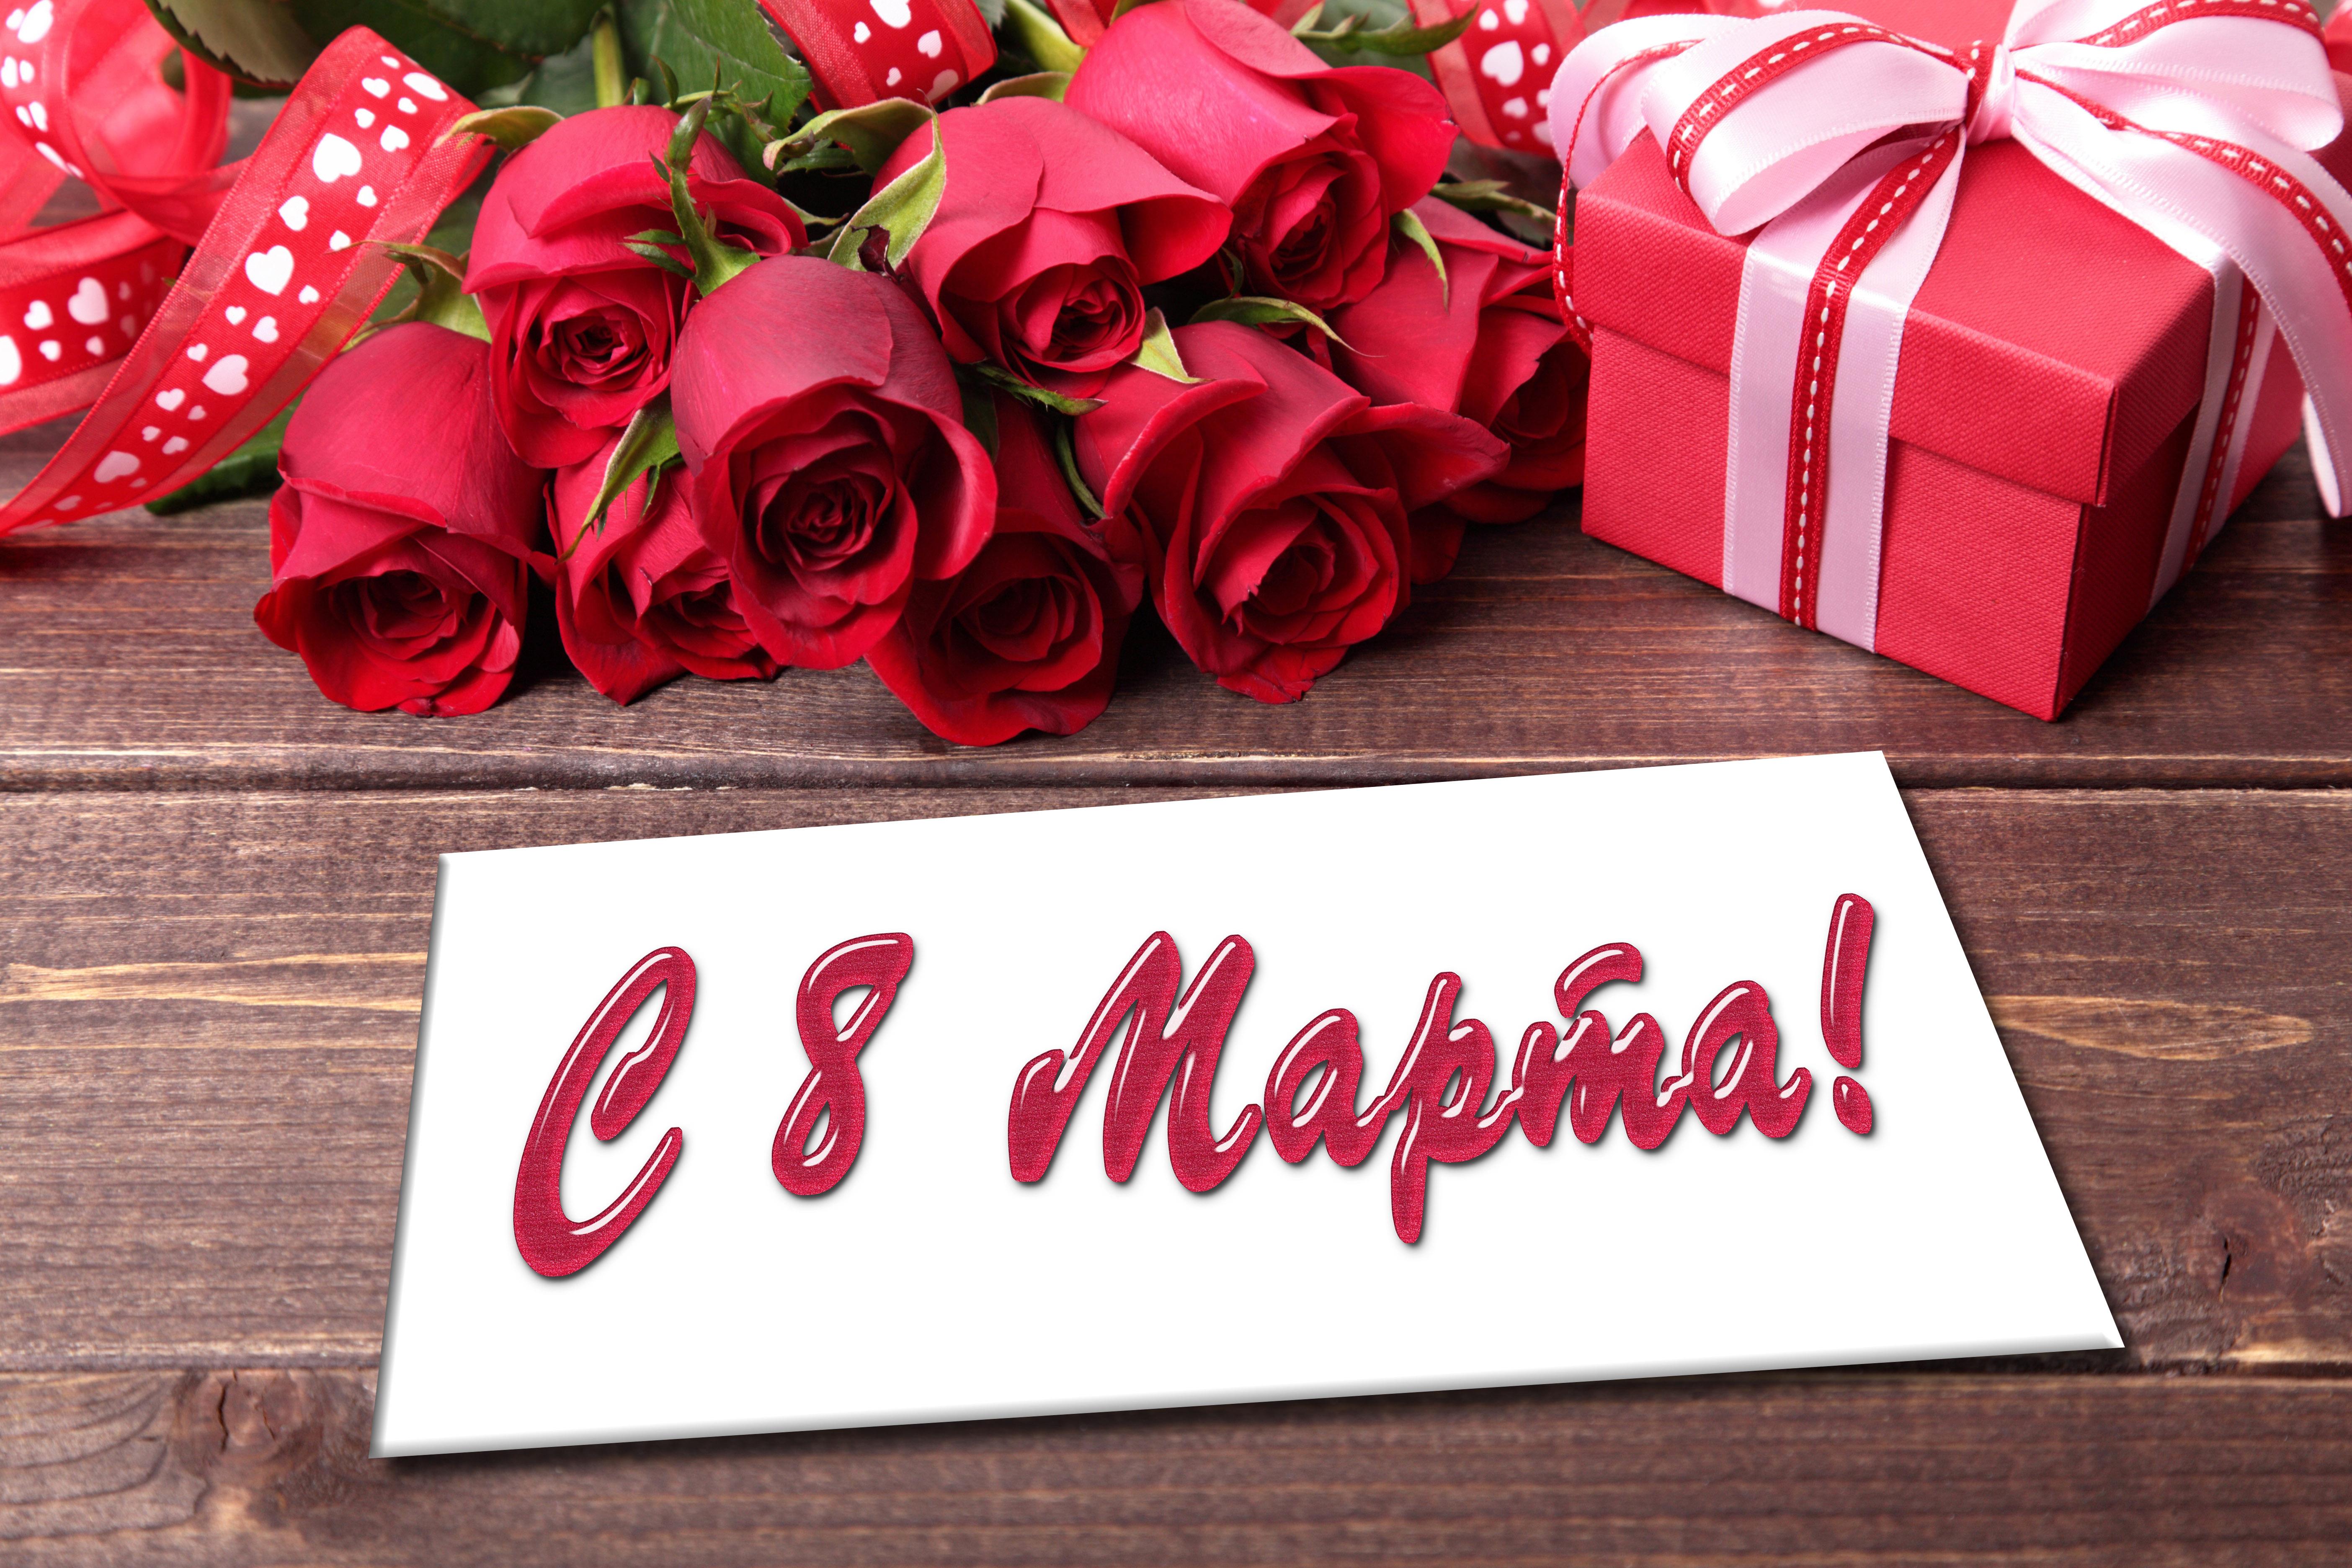 Картинки розы 8 марта красивые, новым годом петуха